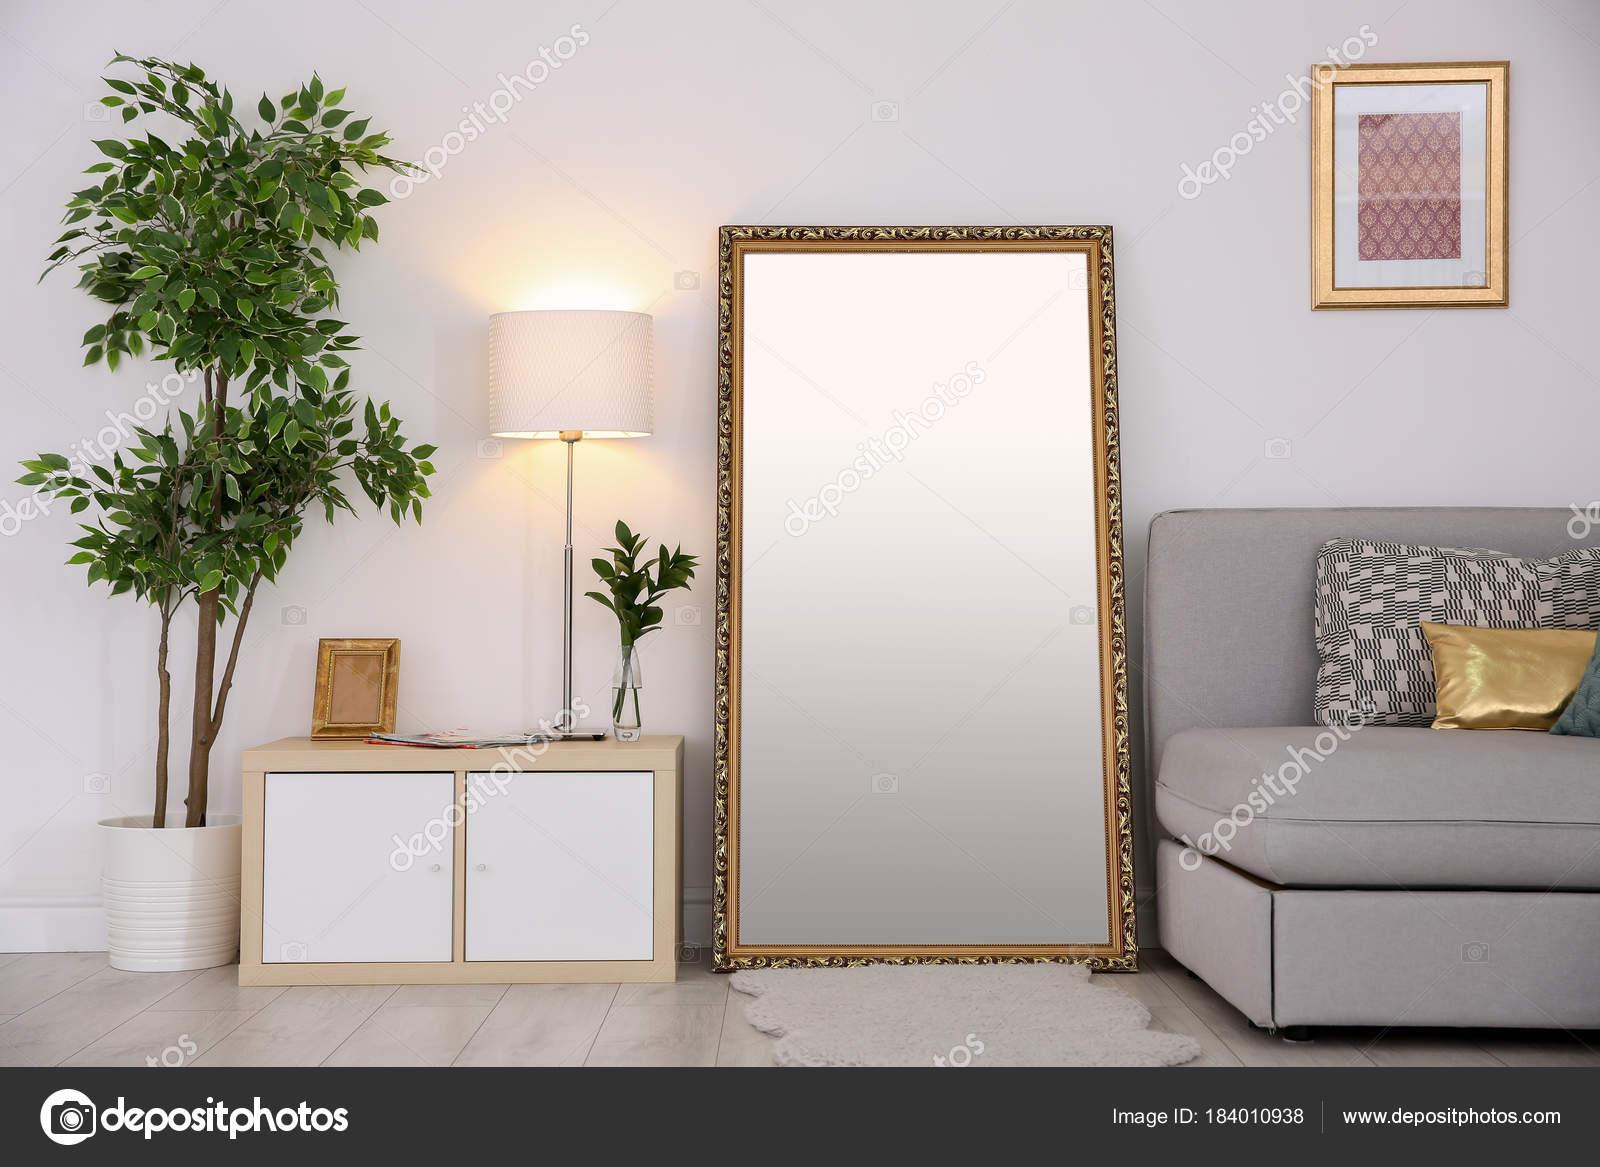 Grote Spiegel Hout : Grote spiegel. een grote spiegel boven de waskommen van grof hout